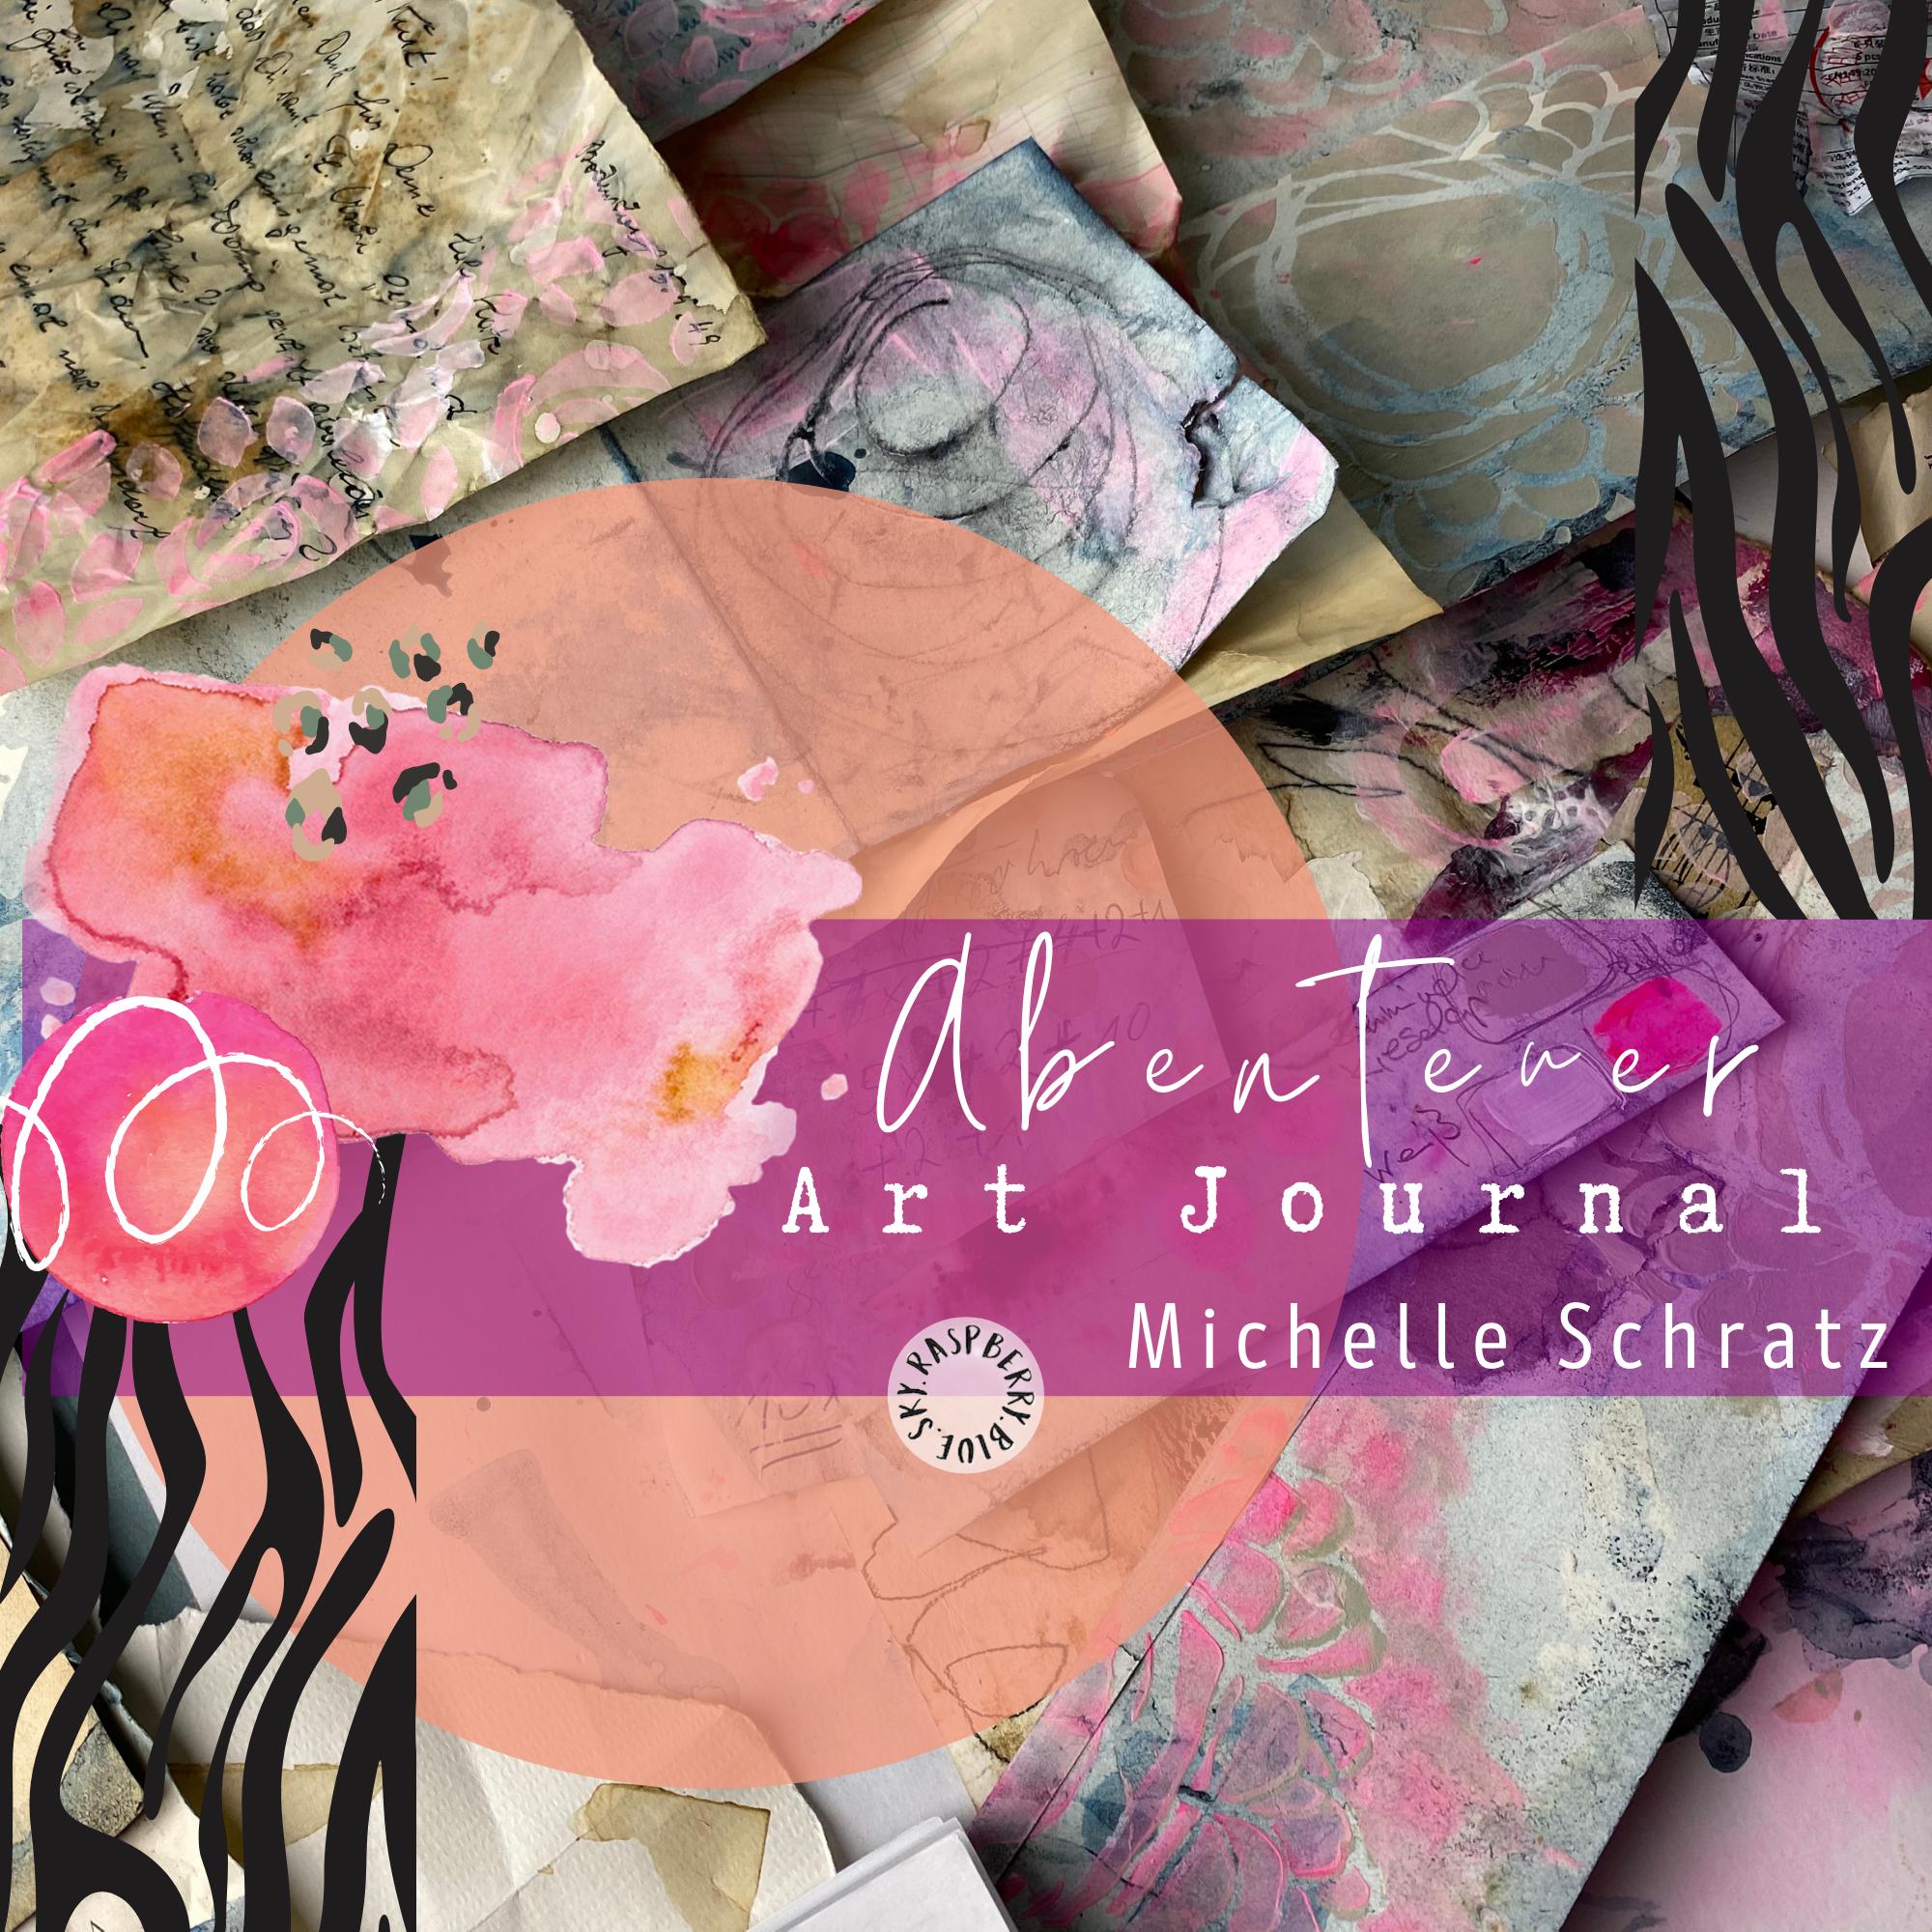 Abenteuer Art Journal mit Michelle Schratz